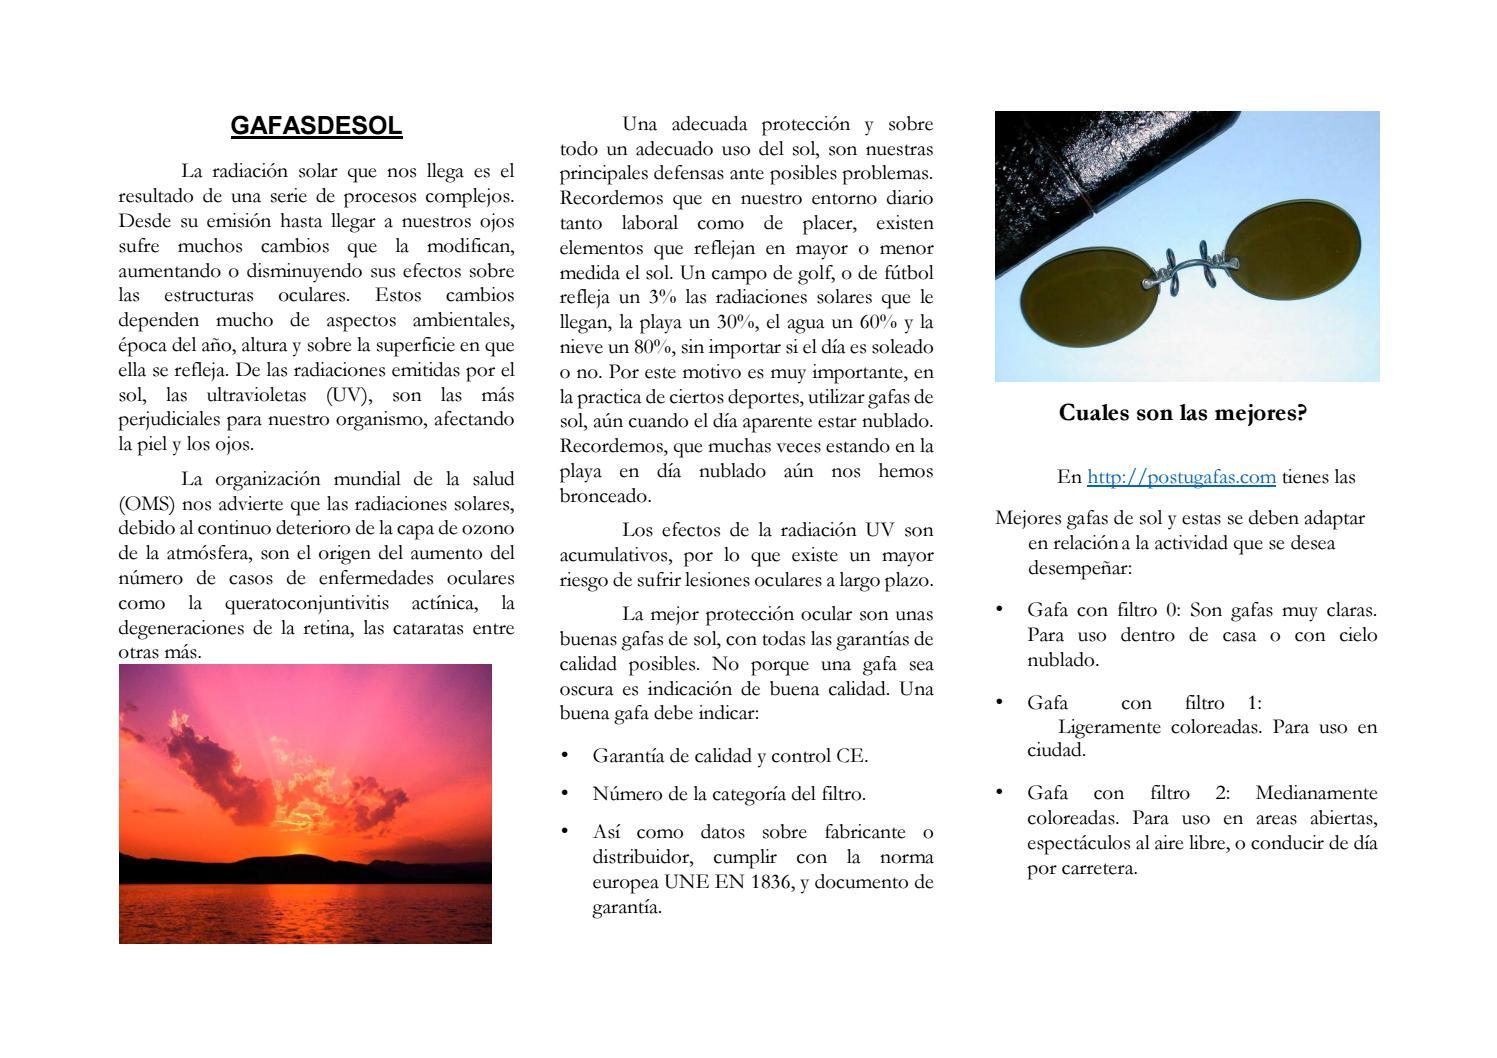 Las By Postugafas Gafas De Sol Issuu 7fb6Ygy